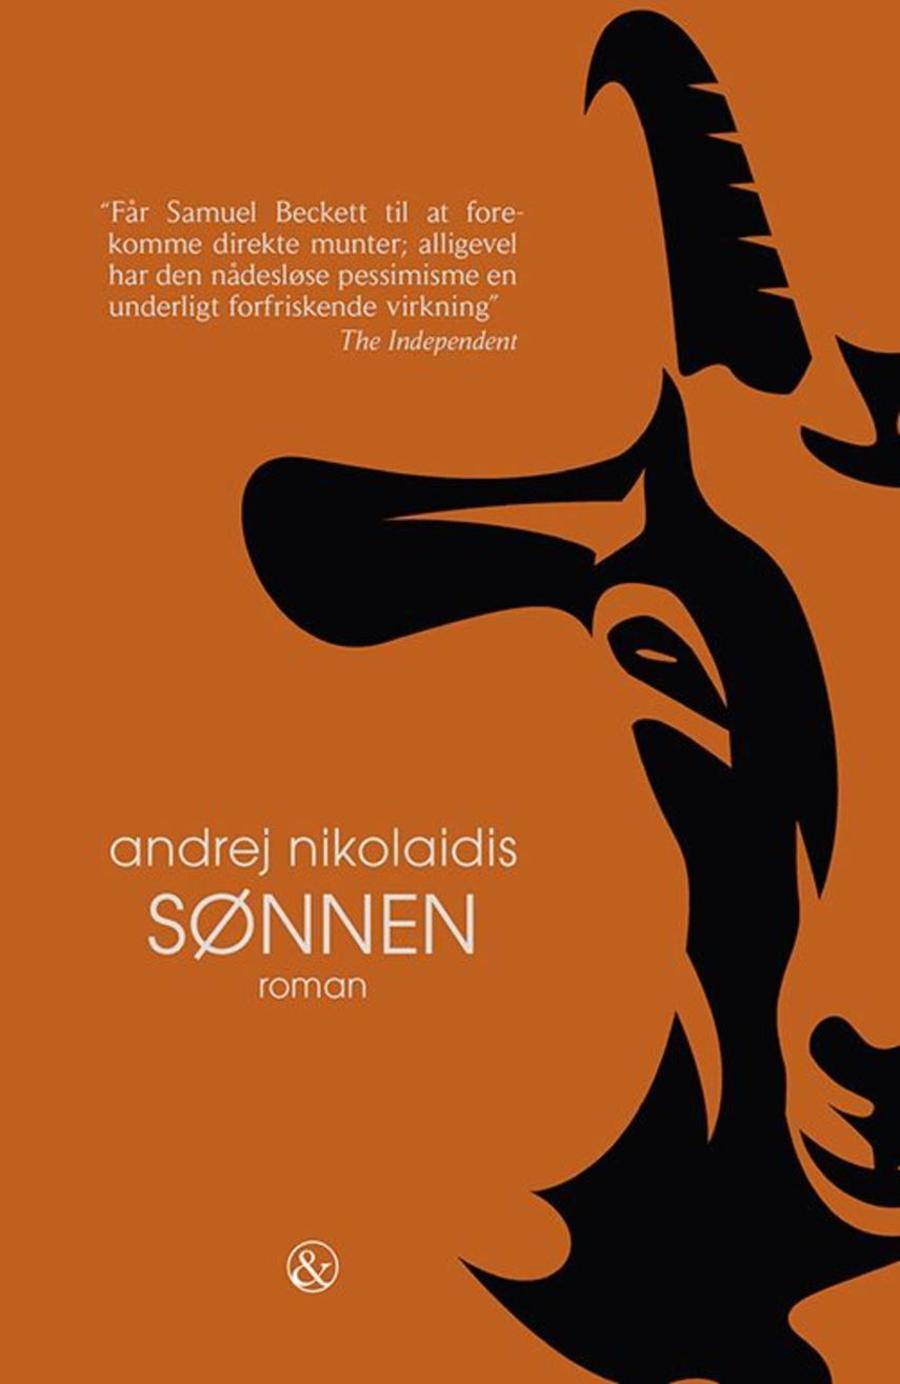 Forside af bogen Sønnen